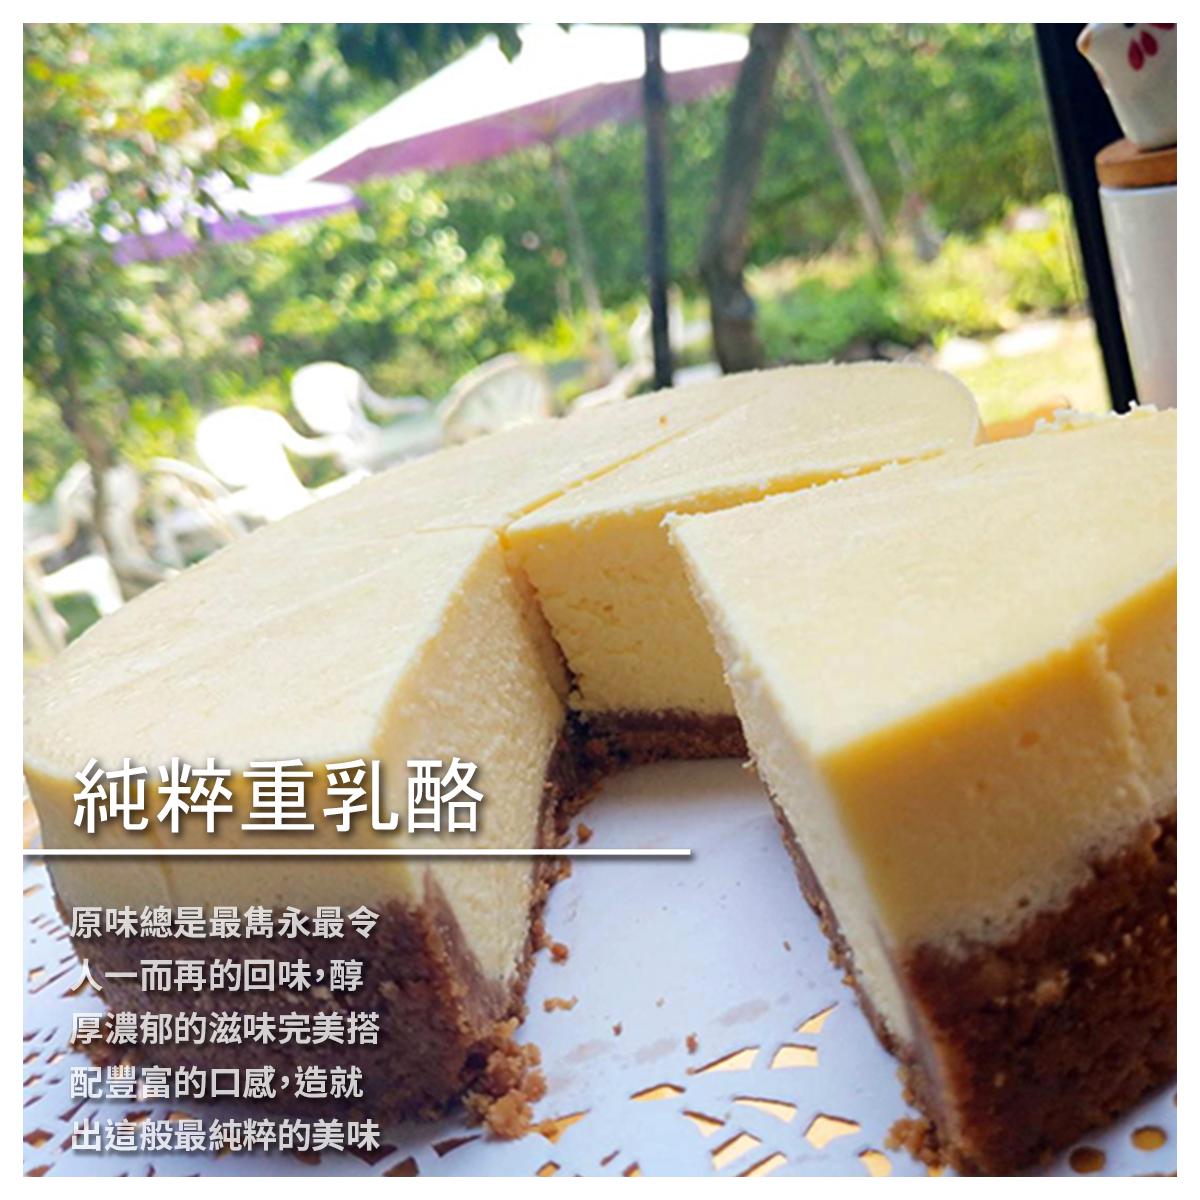 【永安61生態農場】純粹重乳酪